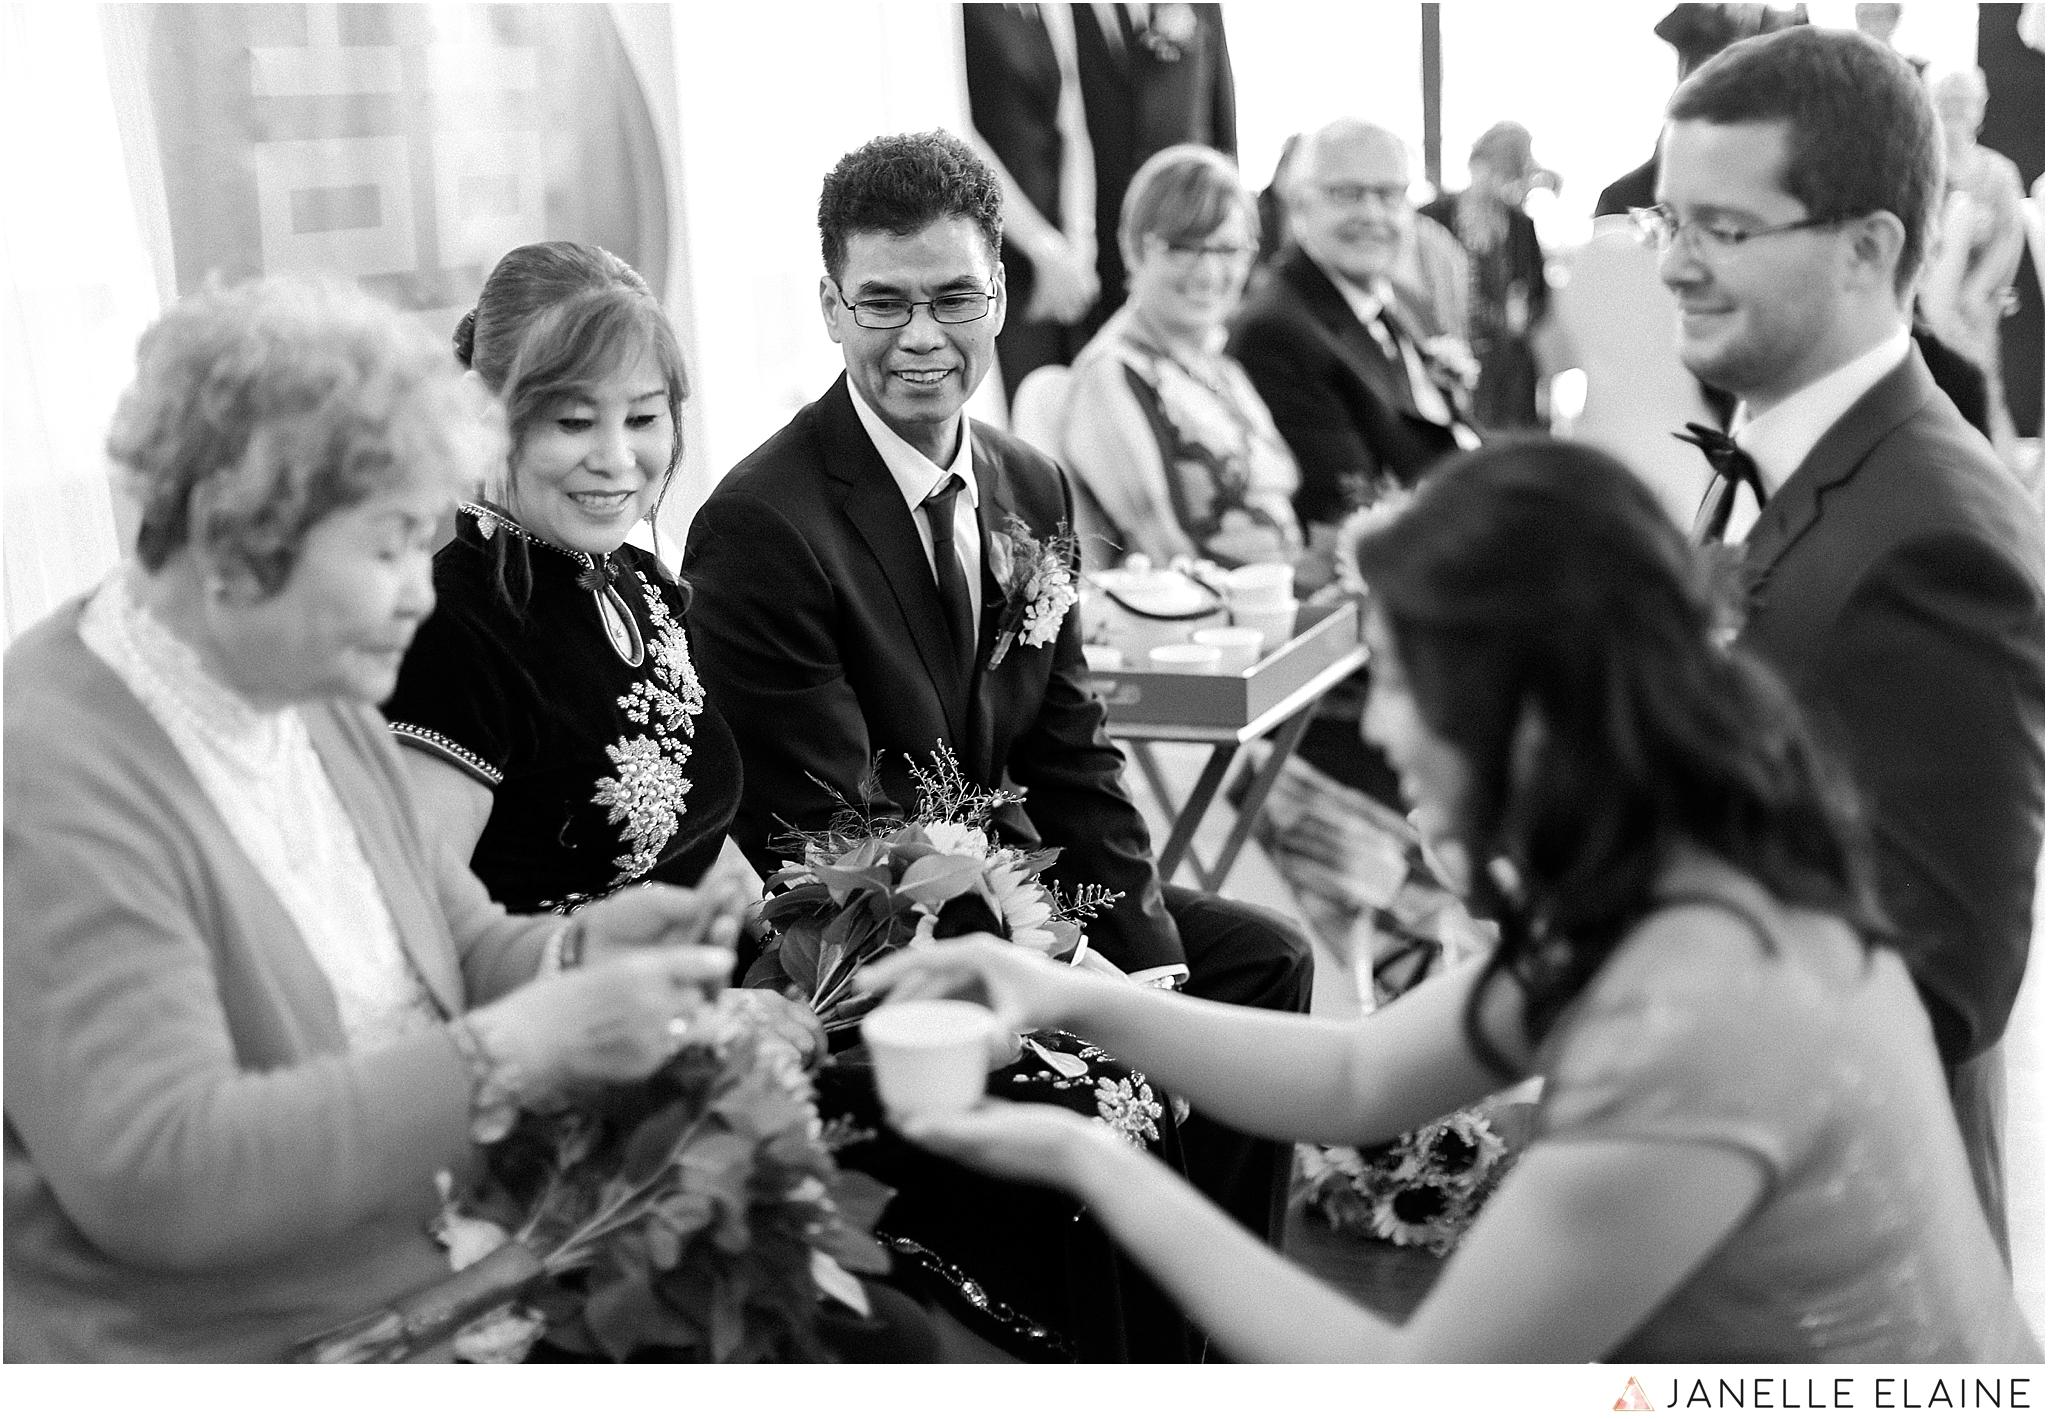 janelle elaine photography-professional wedding photographer seattle--129.jpg